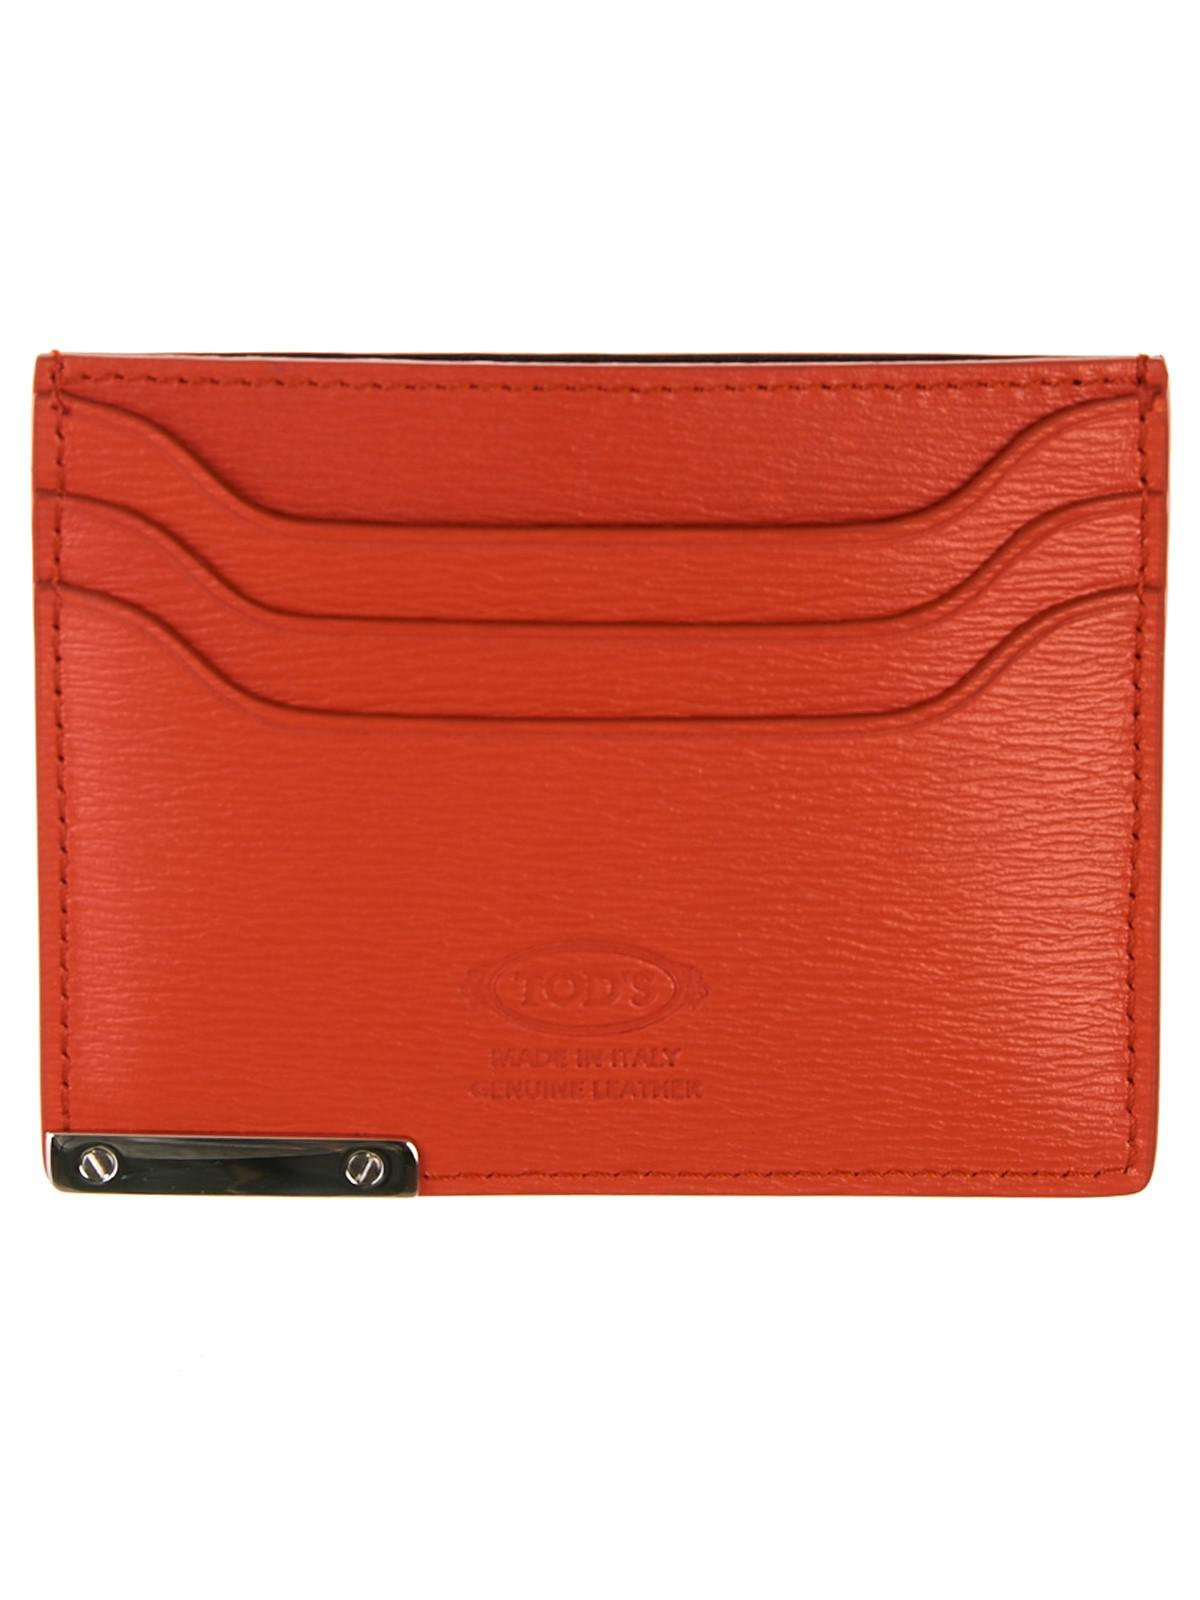 fcf28d86441 Tod's - Orange Card Holder for Men - Lyst. View fullscreen